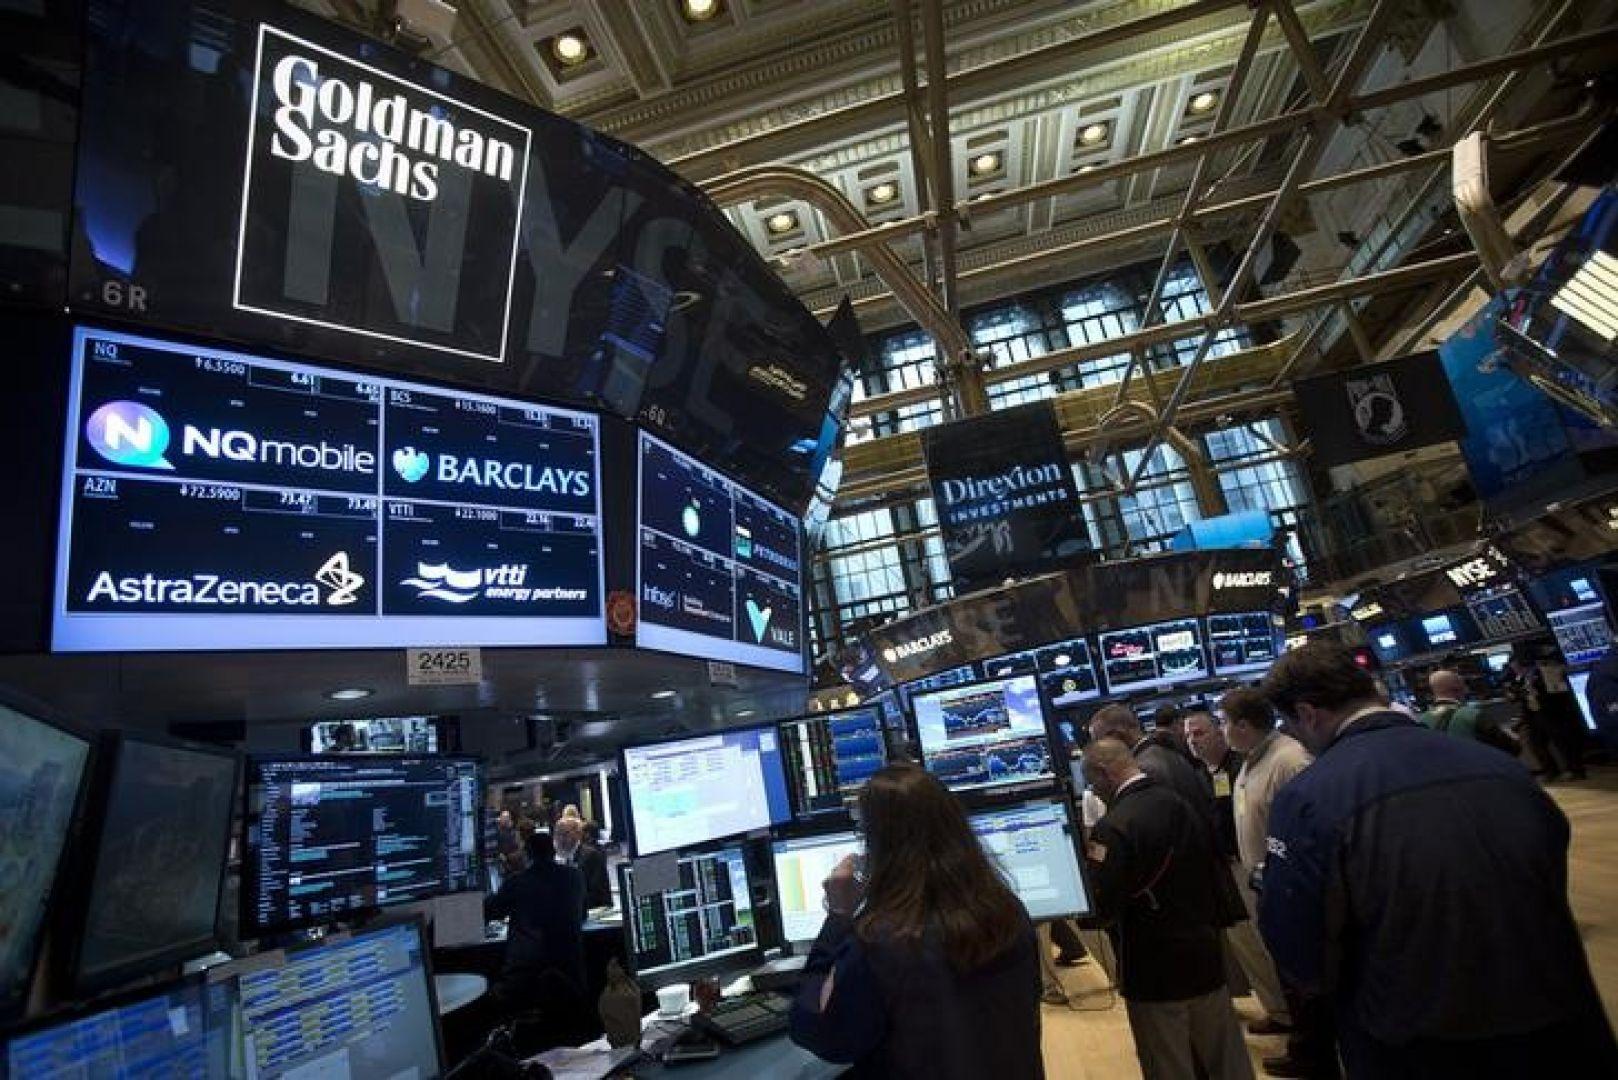 - Godman Sachs được xem là nhà đầu tư nhanh nhẹn nhất trong số các ngân hàng truyền thống, khi tiến hành 11 thương vụ đầu tư vào các công ty Fintech trong giai đoạn cuối 2015 đến giữa năm 2016.